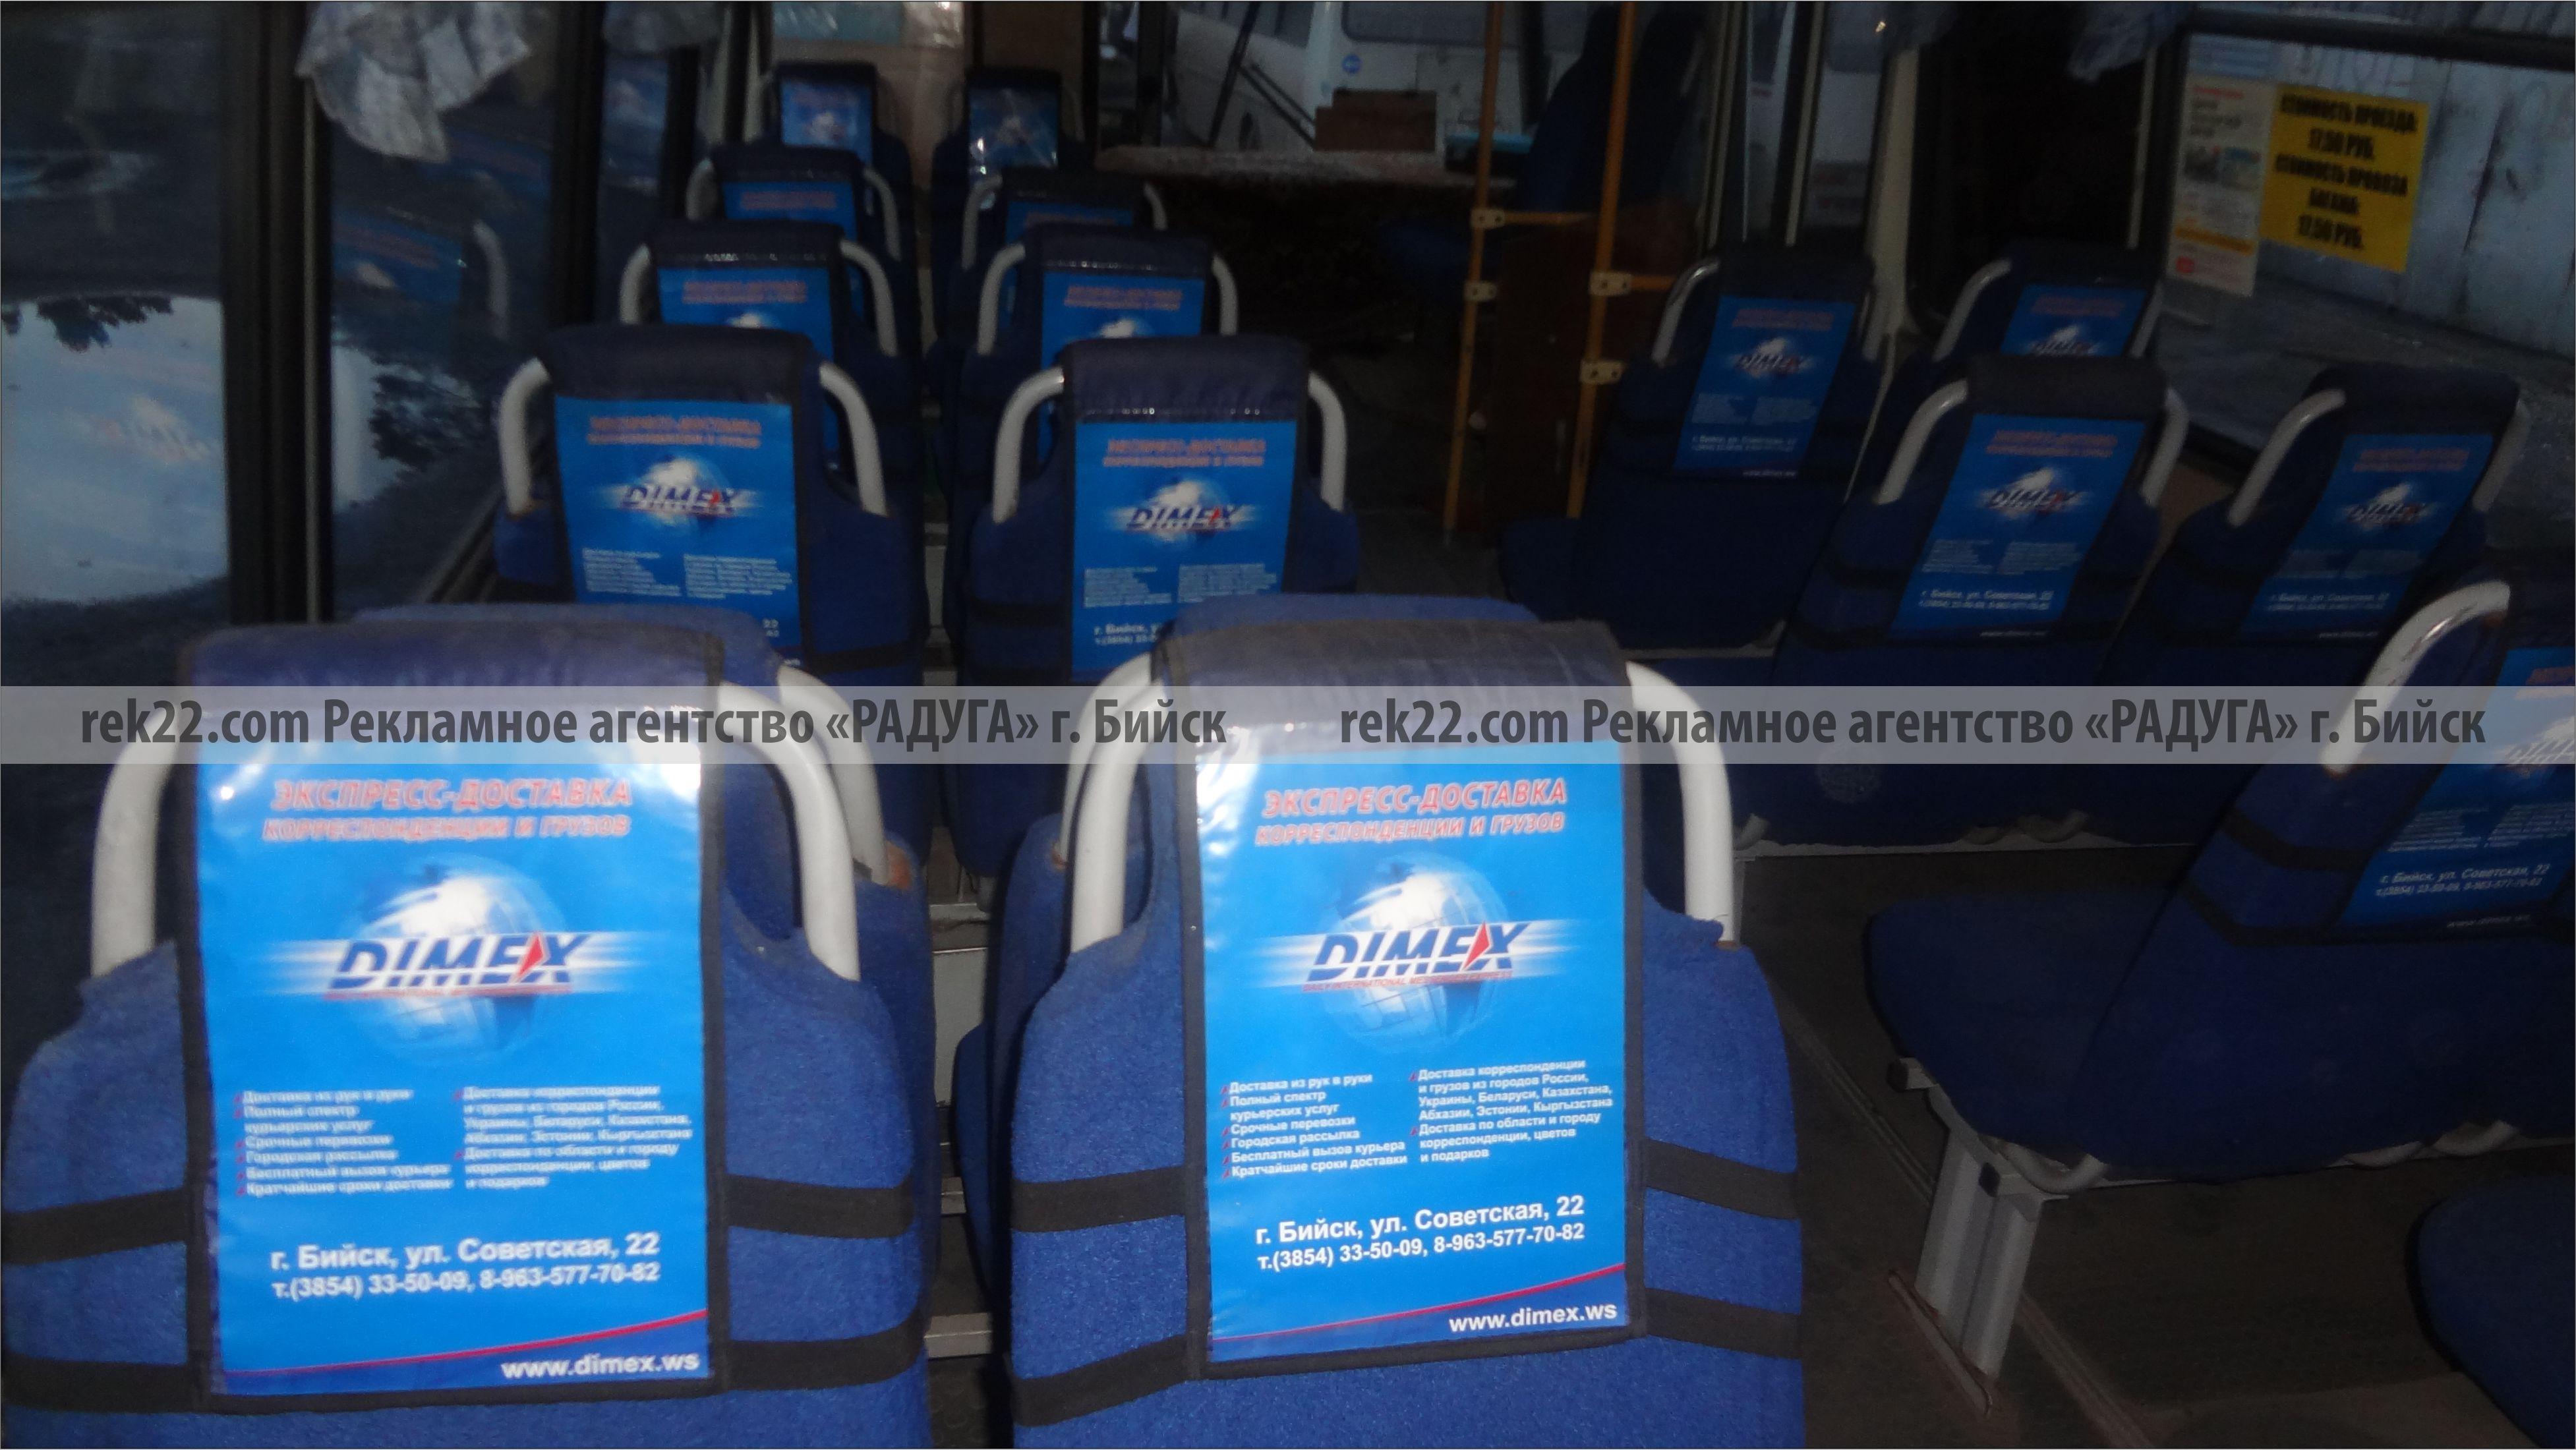 Реклама на транспорте Бийск - подголовники - 11